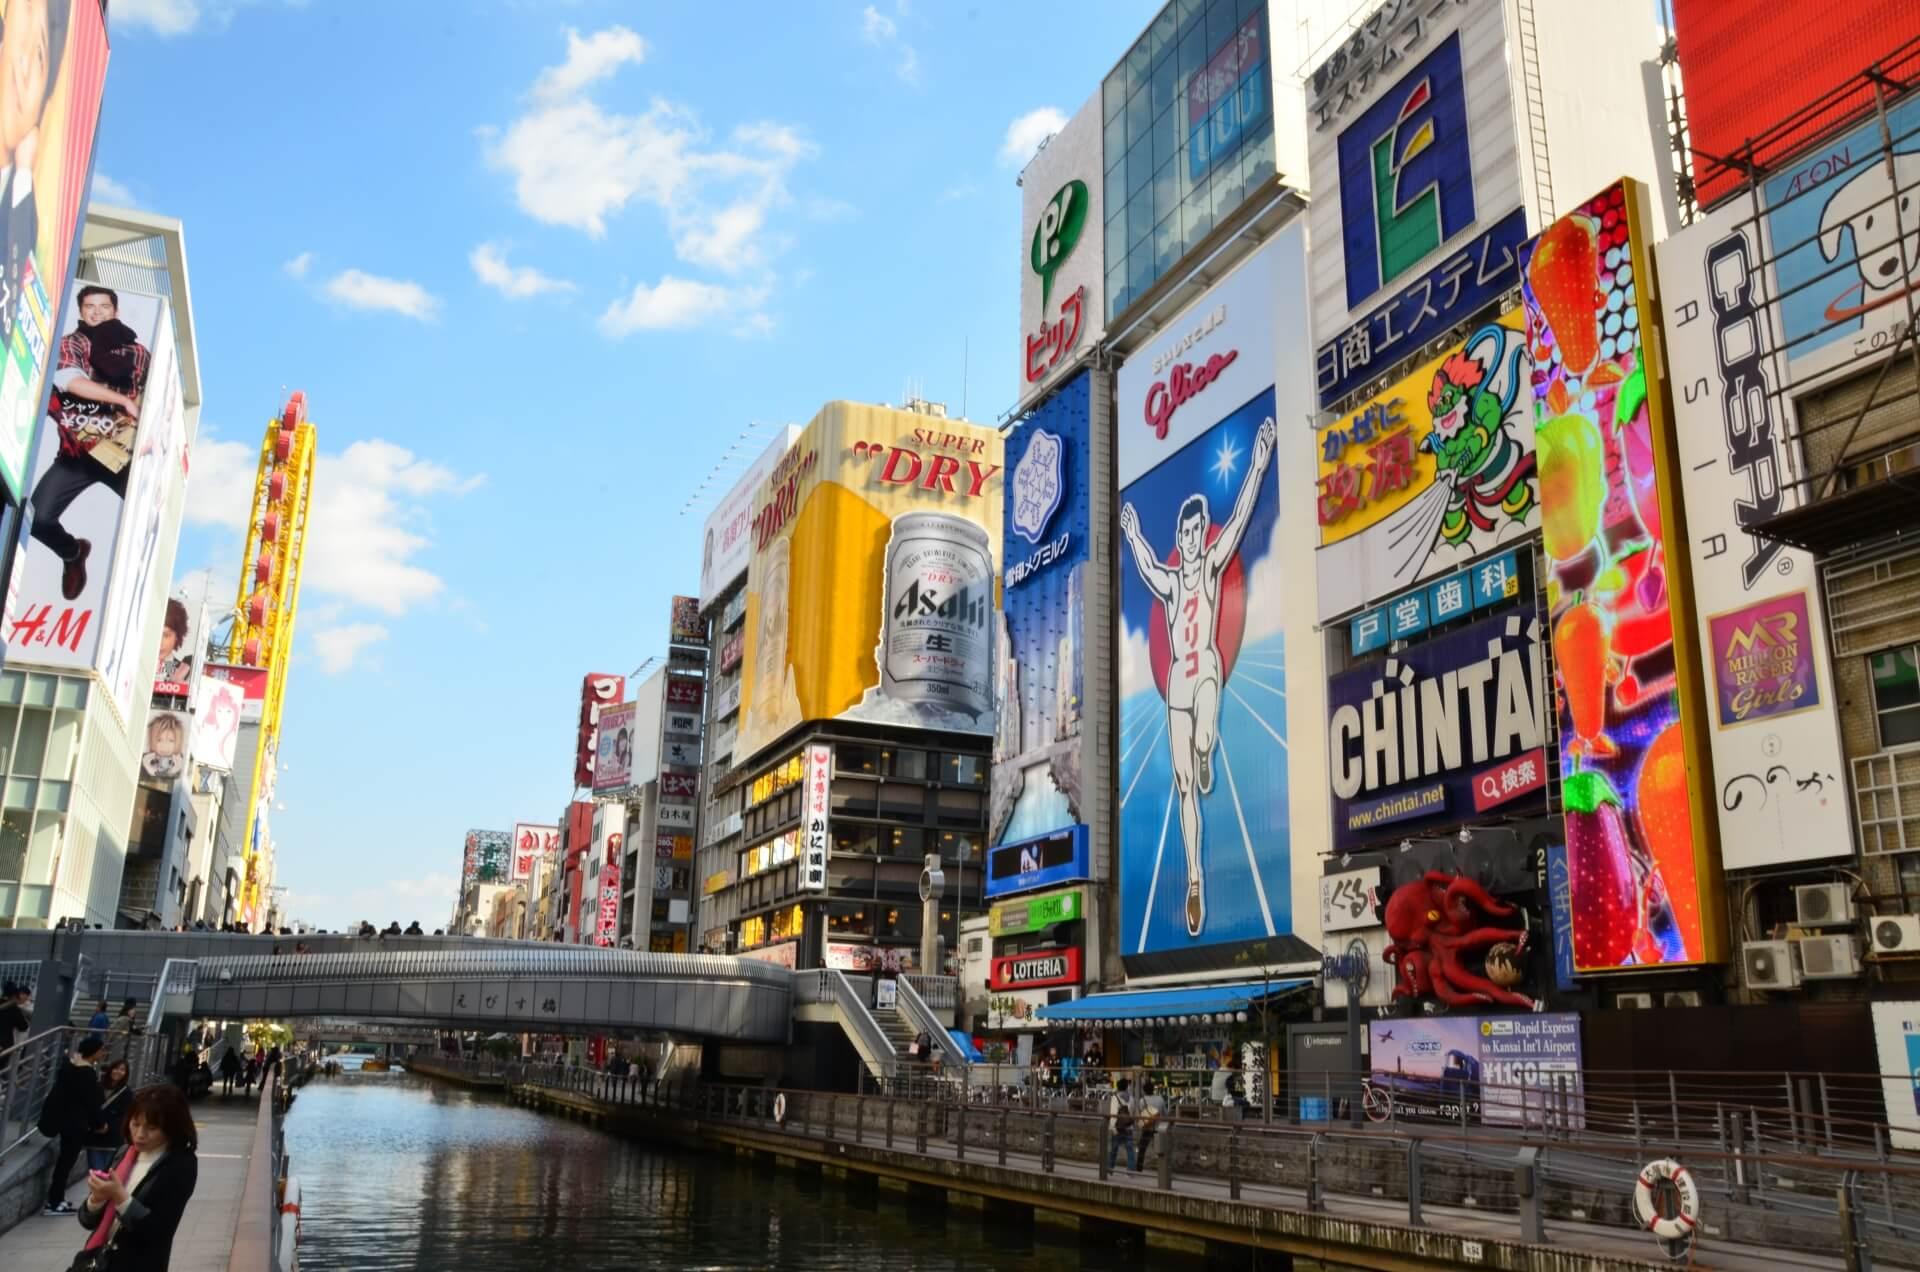 大阪へ行こう!旅行へ行くなら押さえておきたい人気スポット3選